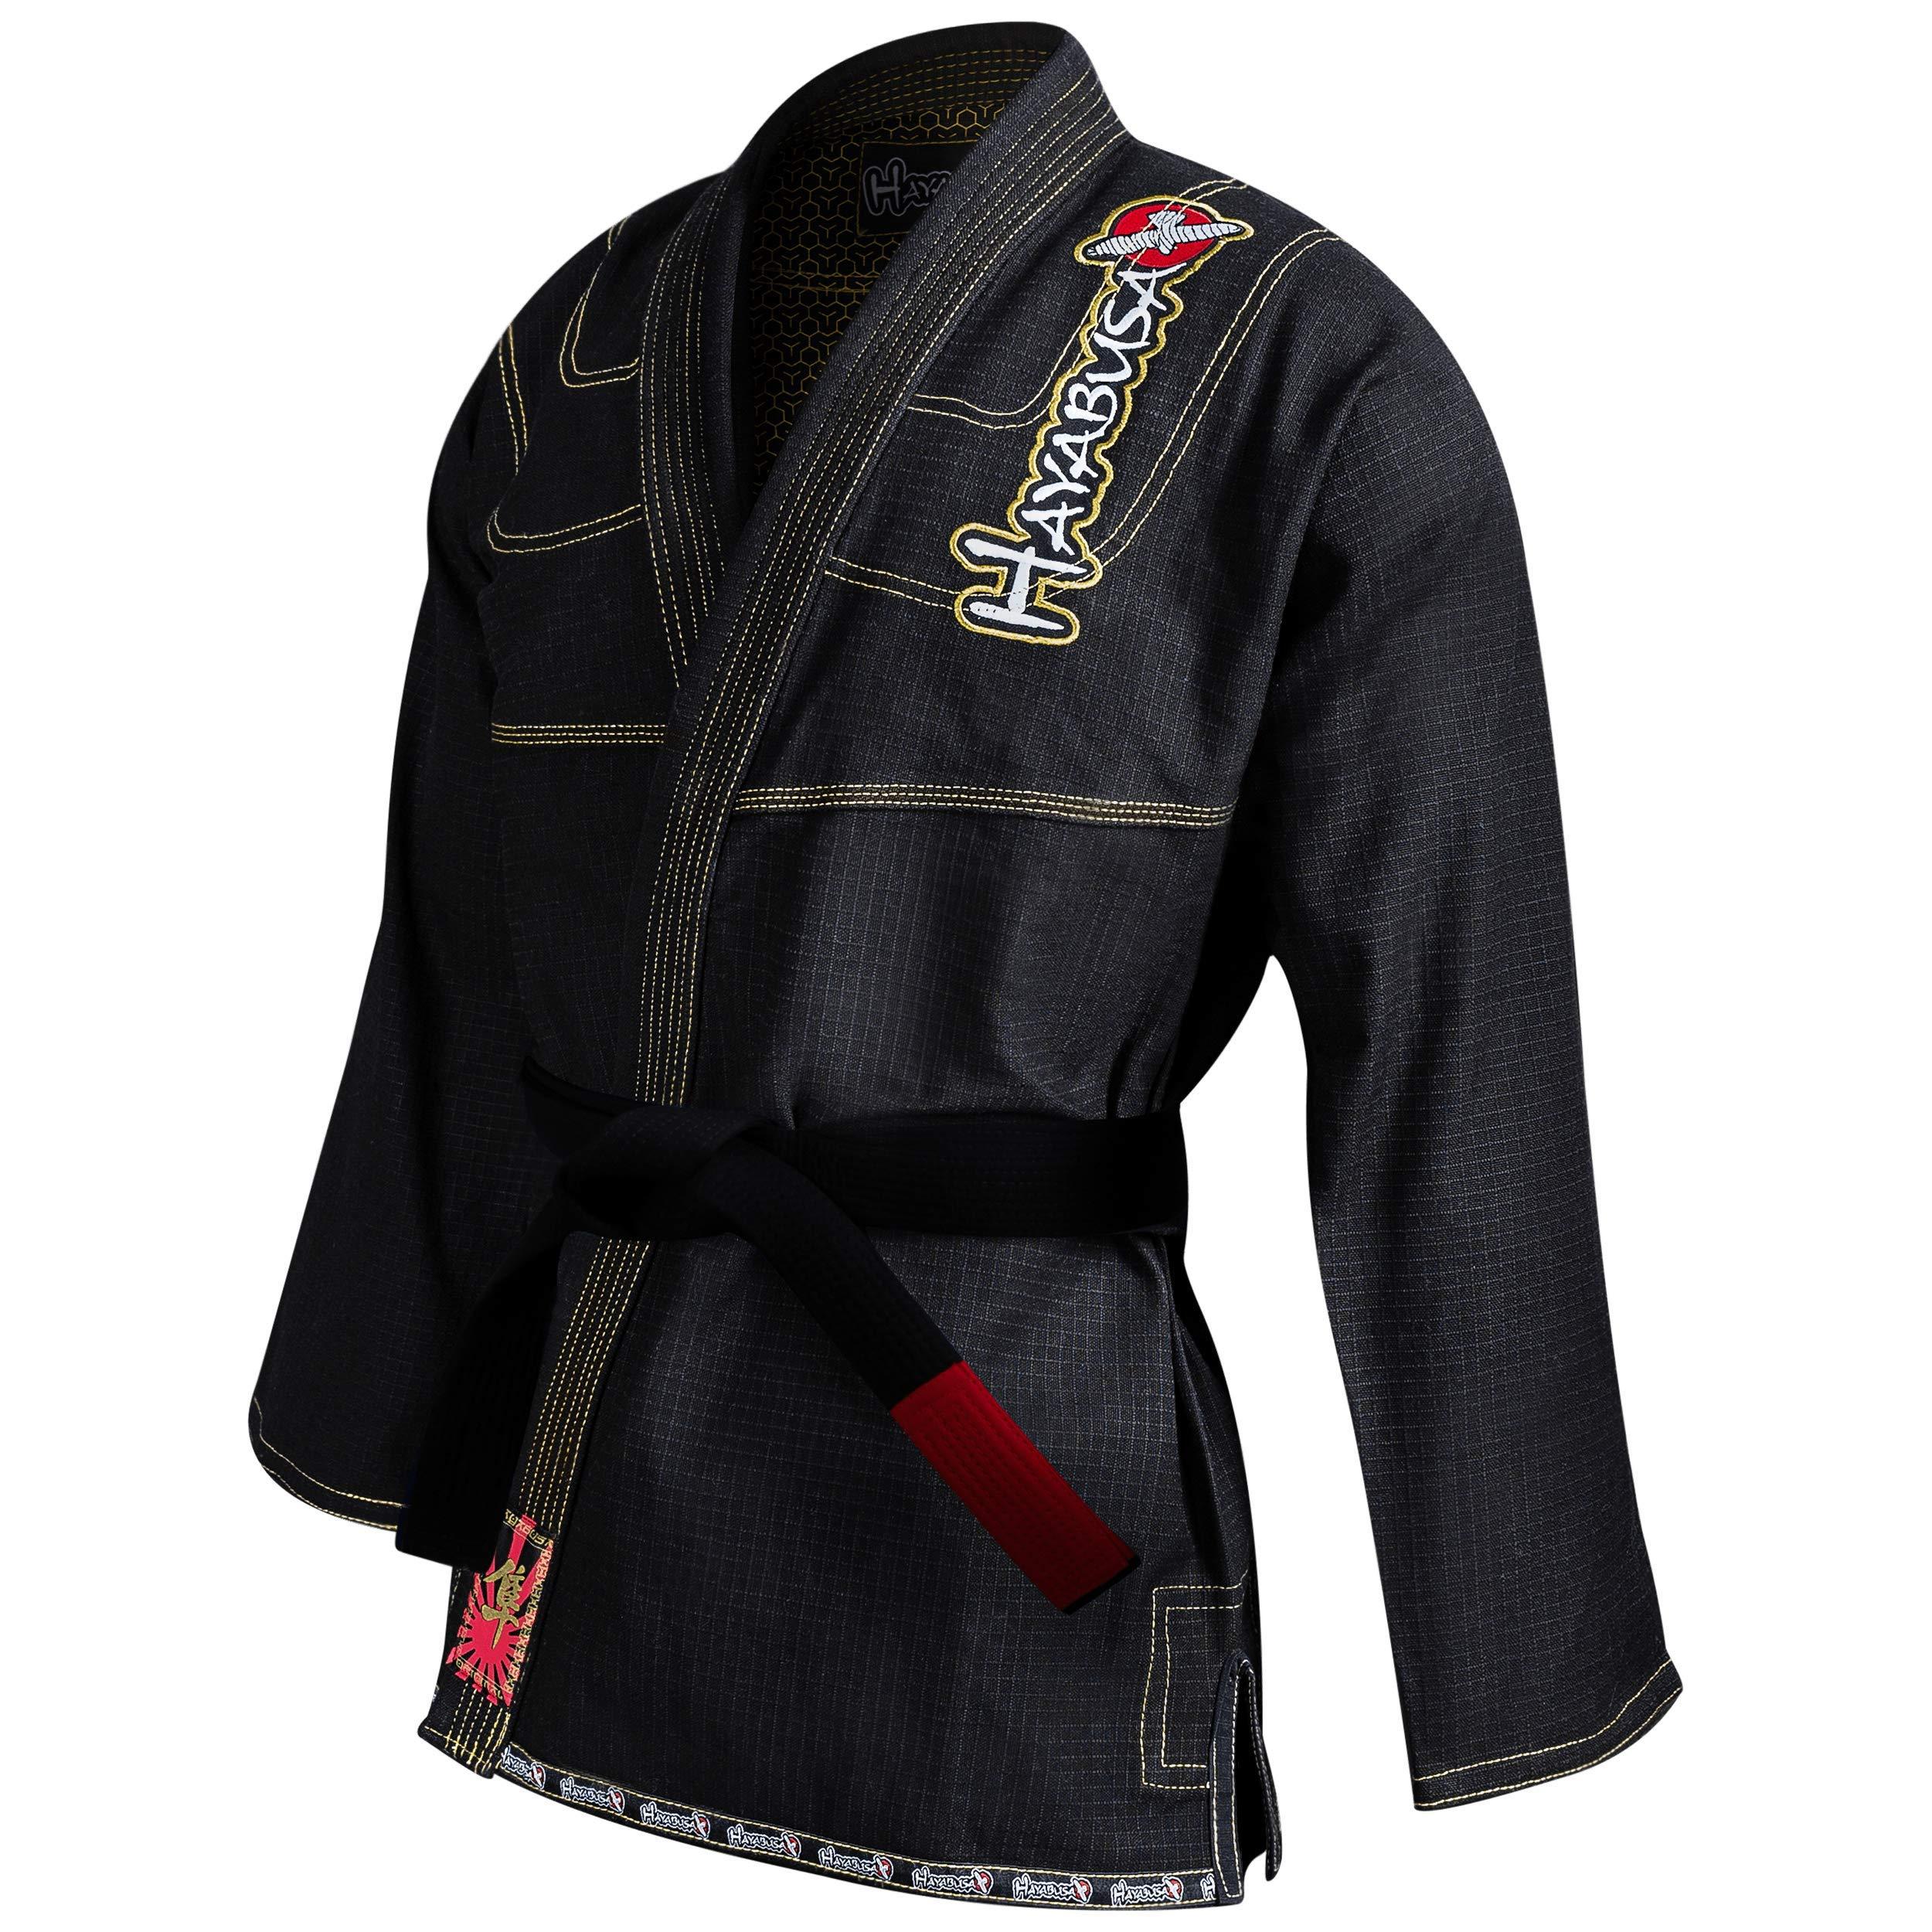 Hayabusa BJJ Gi | Adult Pro Jiu Jitsu Gi - Jacket Only | Black, A1 by Hayabusa